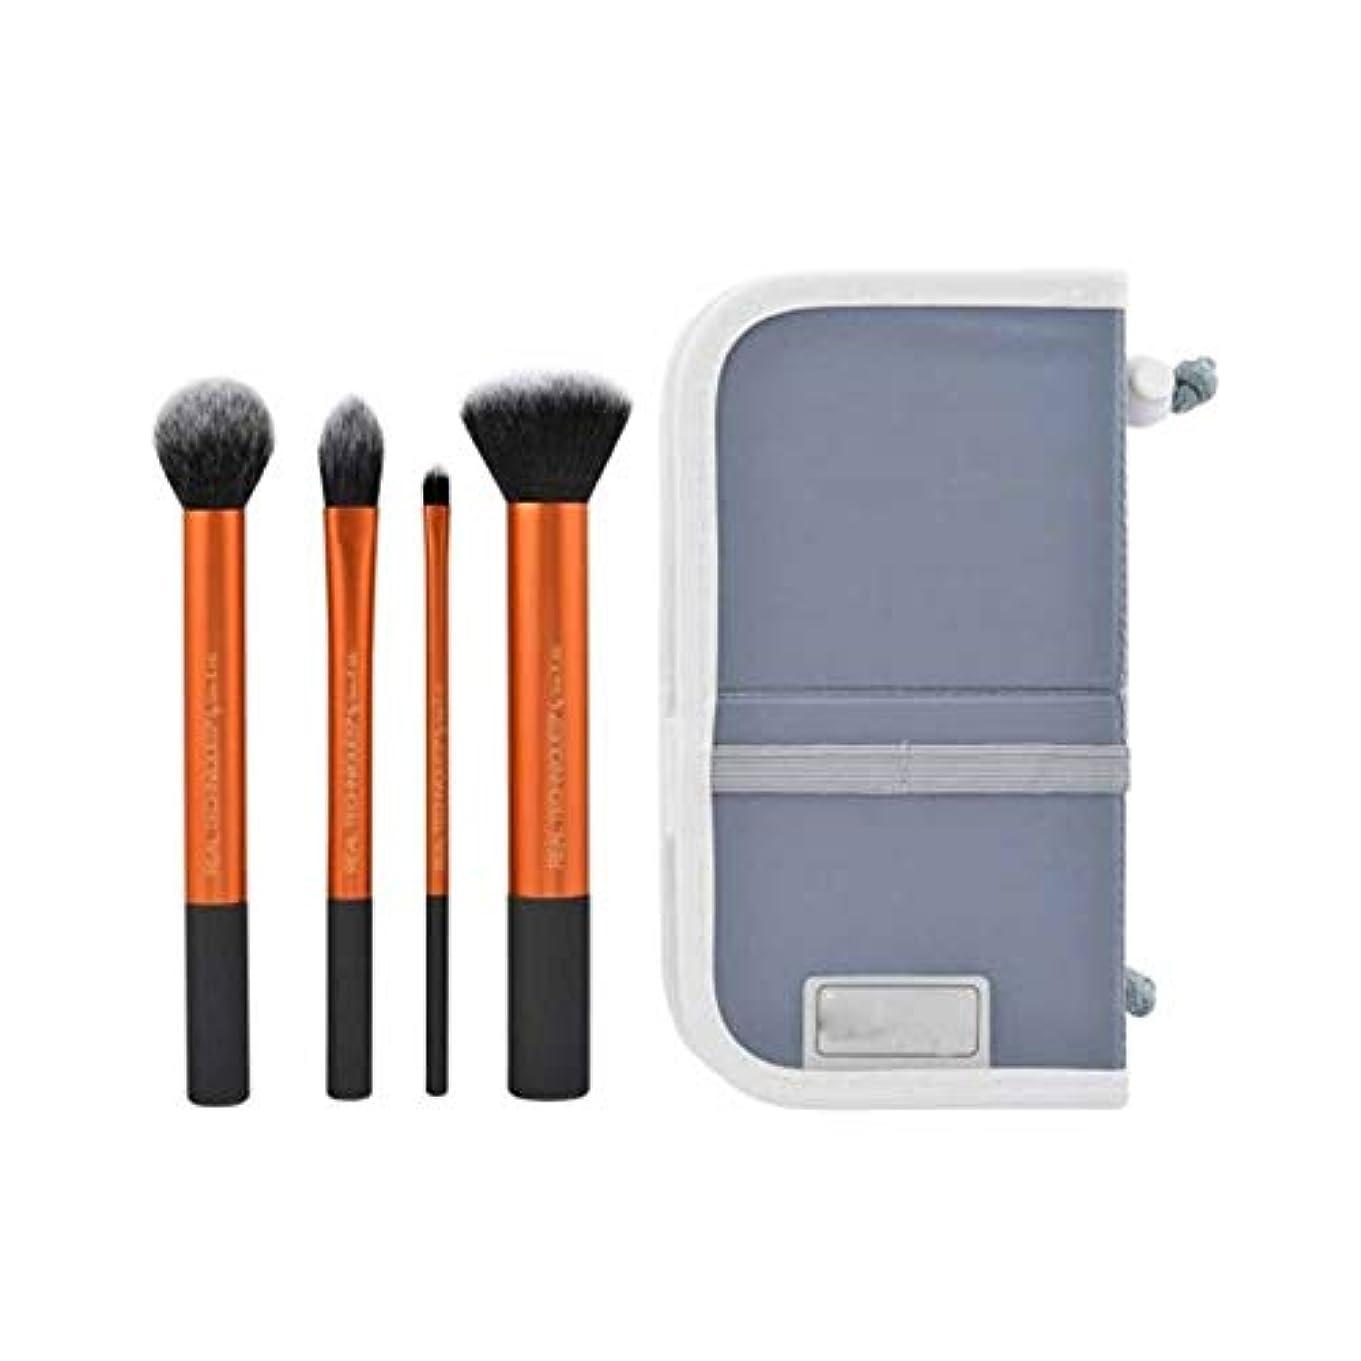 赤ちゃん安定テロTUOFL メイクブラシ、メイクメイクブラシセット、輪郭ブラシリップブラシ、散布ブラシ、チークブラシ、4点セット、簡単に運ぶために (Color : Orange)